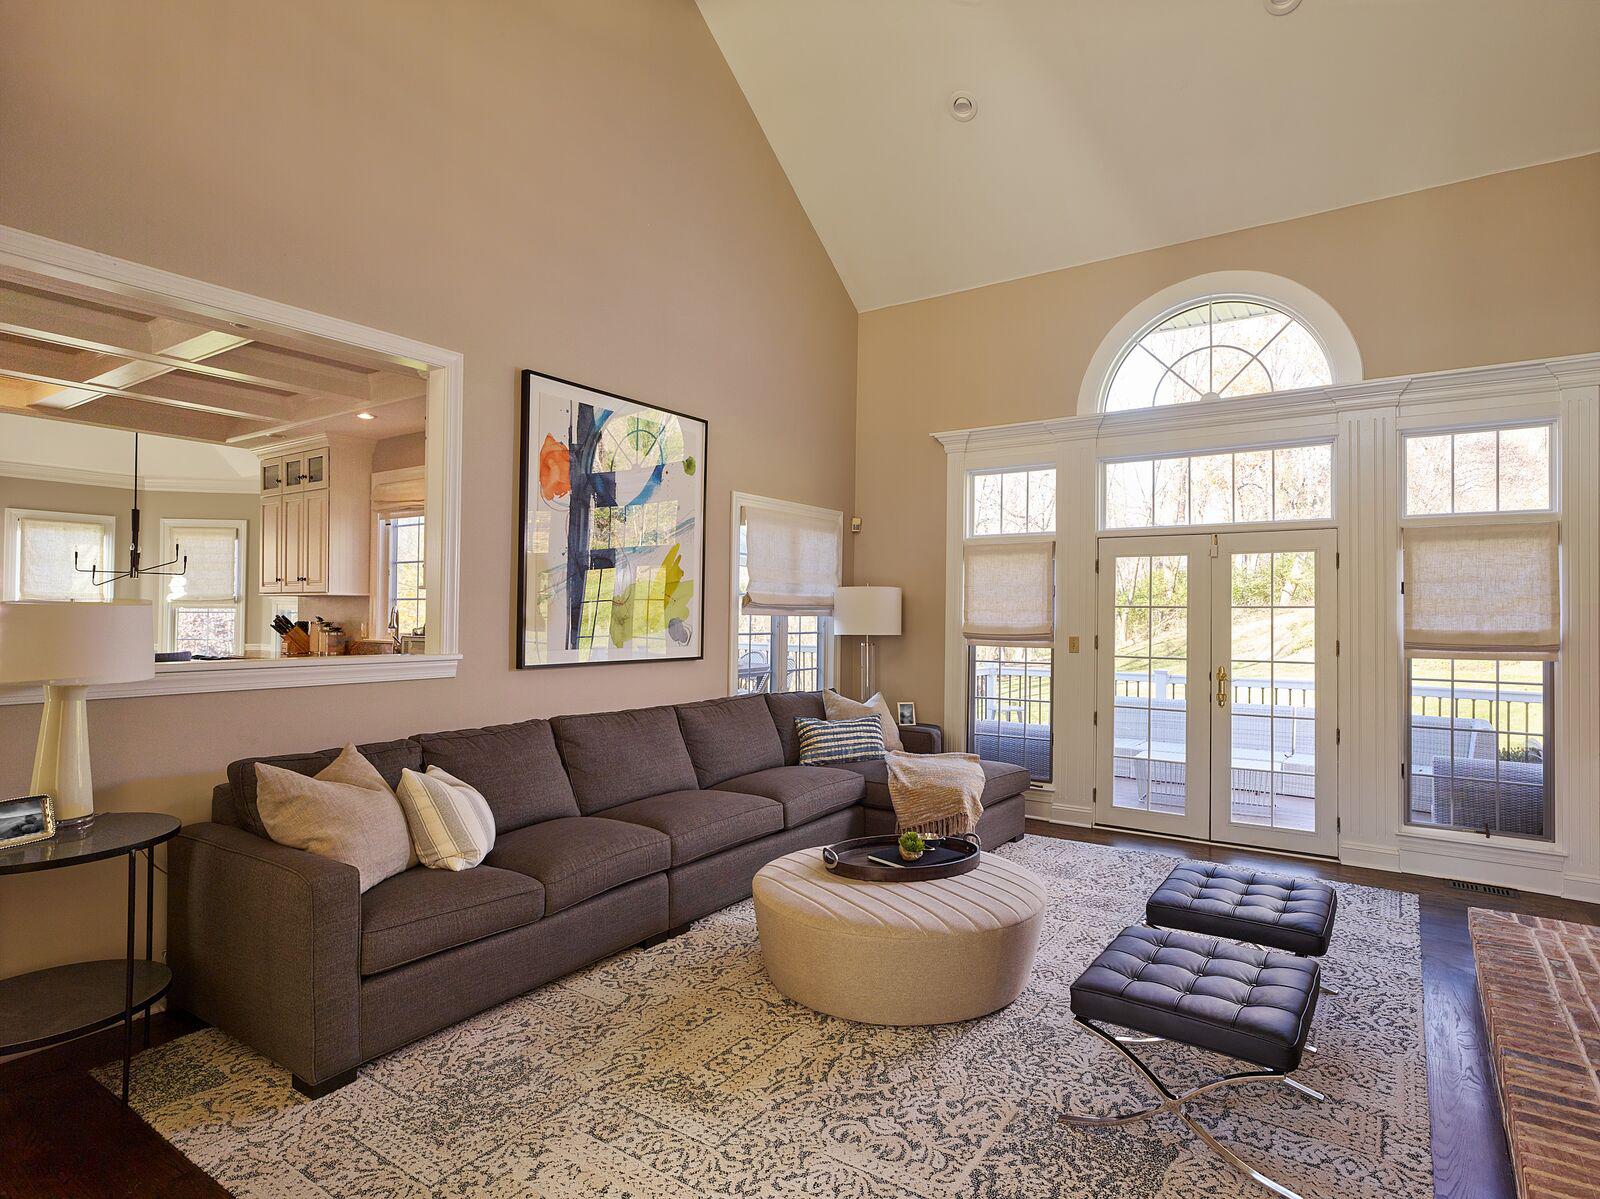 livingroom copy (1) (2).jpg